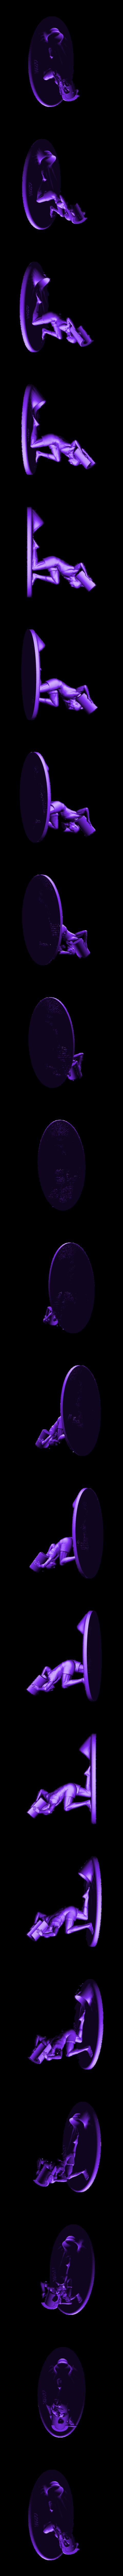 Oscar_holder_solid.stl Download STL file Atlas Brush and Pen holder • 3D printer model, Oscarko